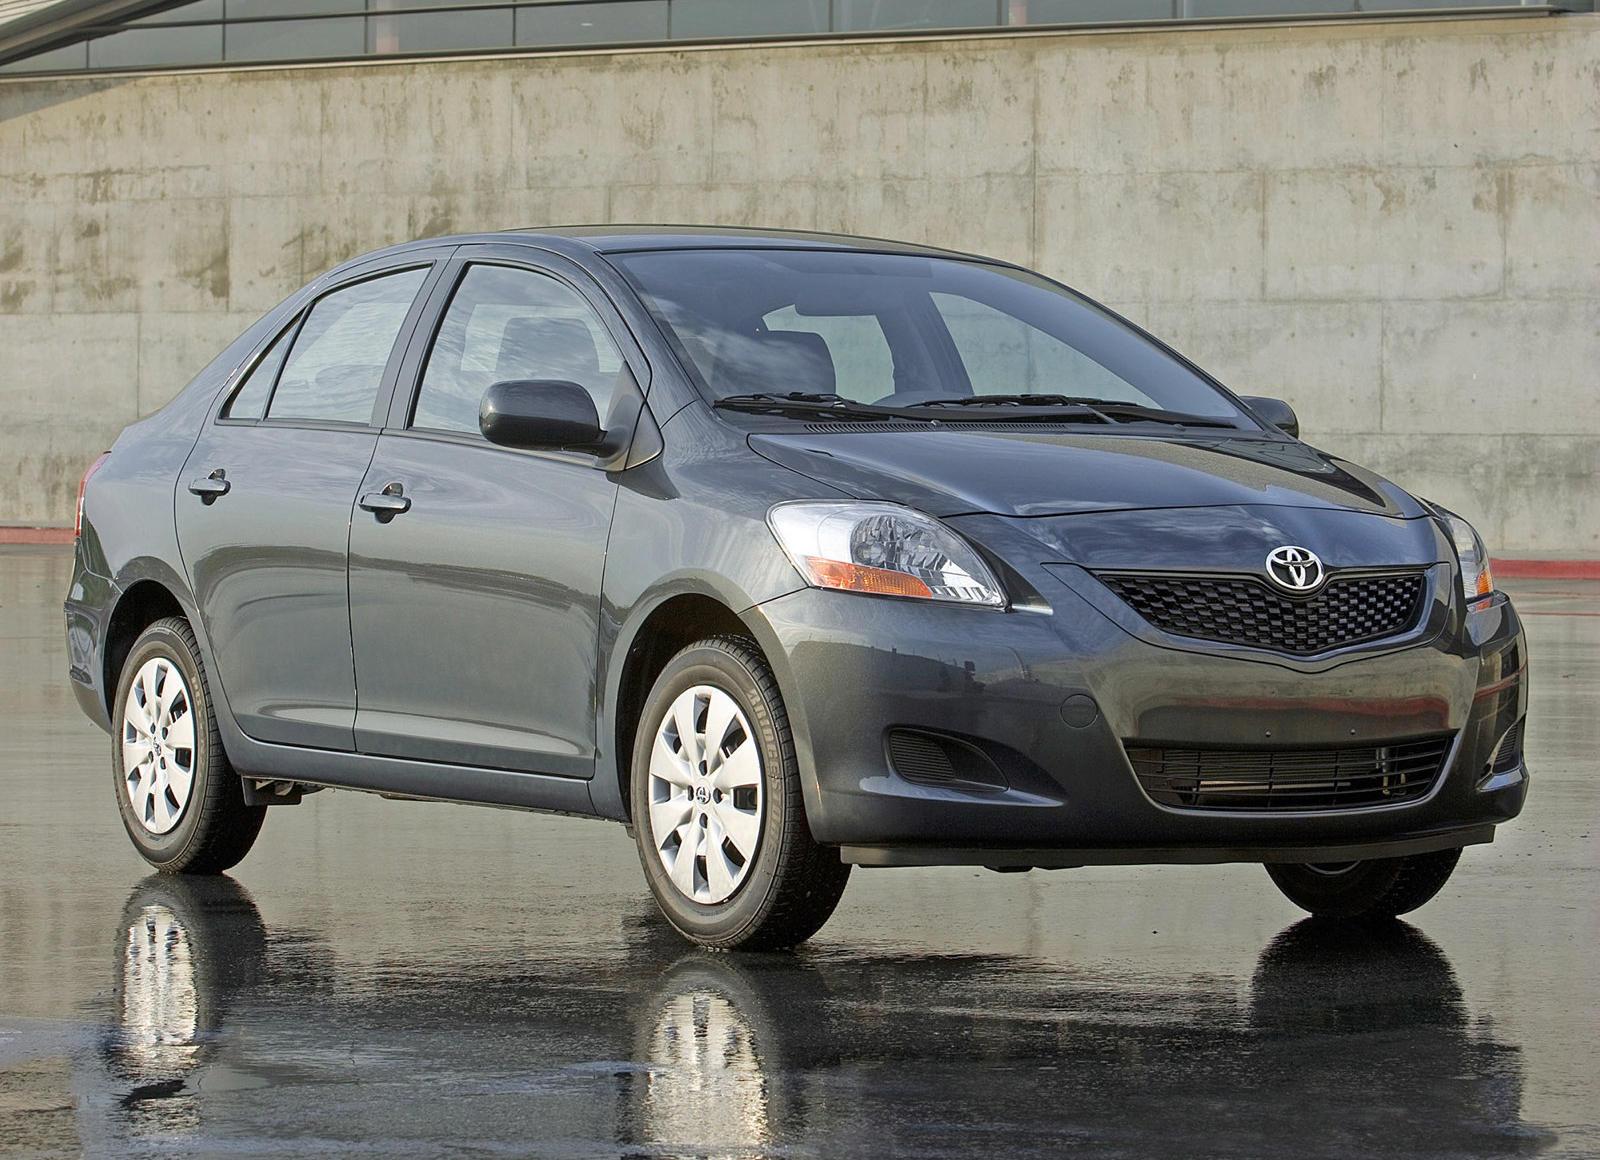 Kelebihan Kekurangan Toyota Yaris 2009 Top Model Tahun Ini